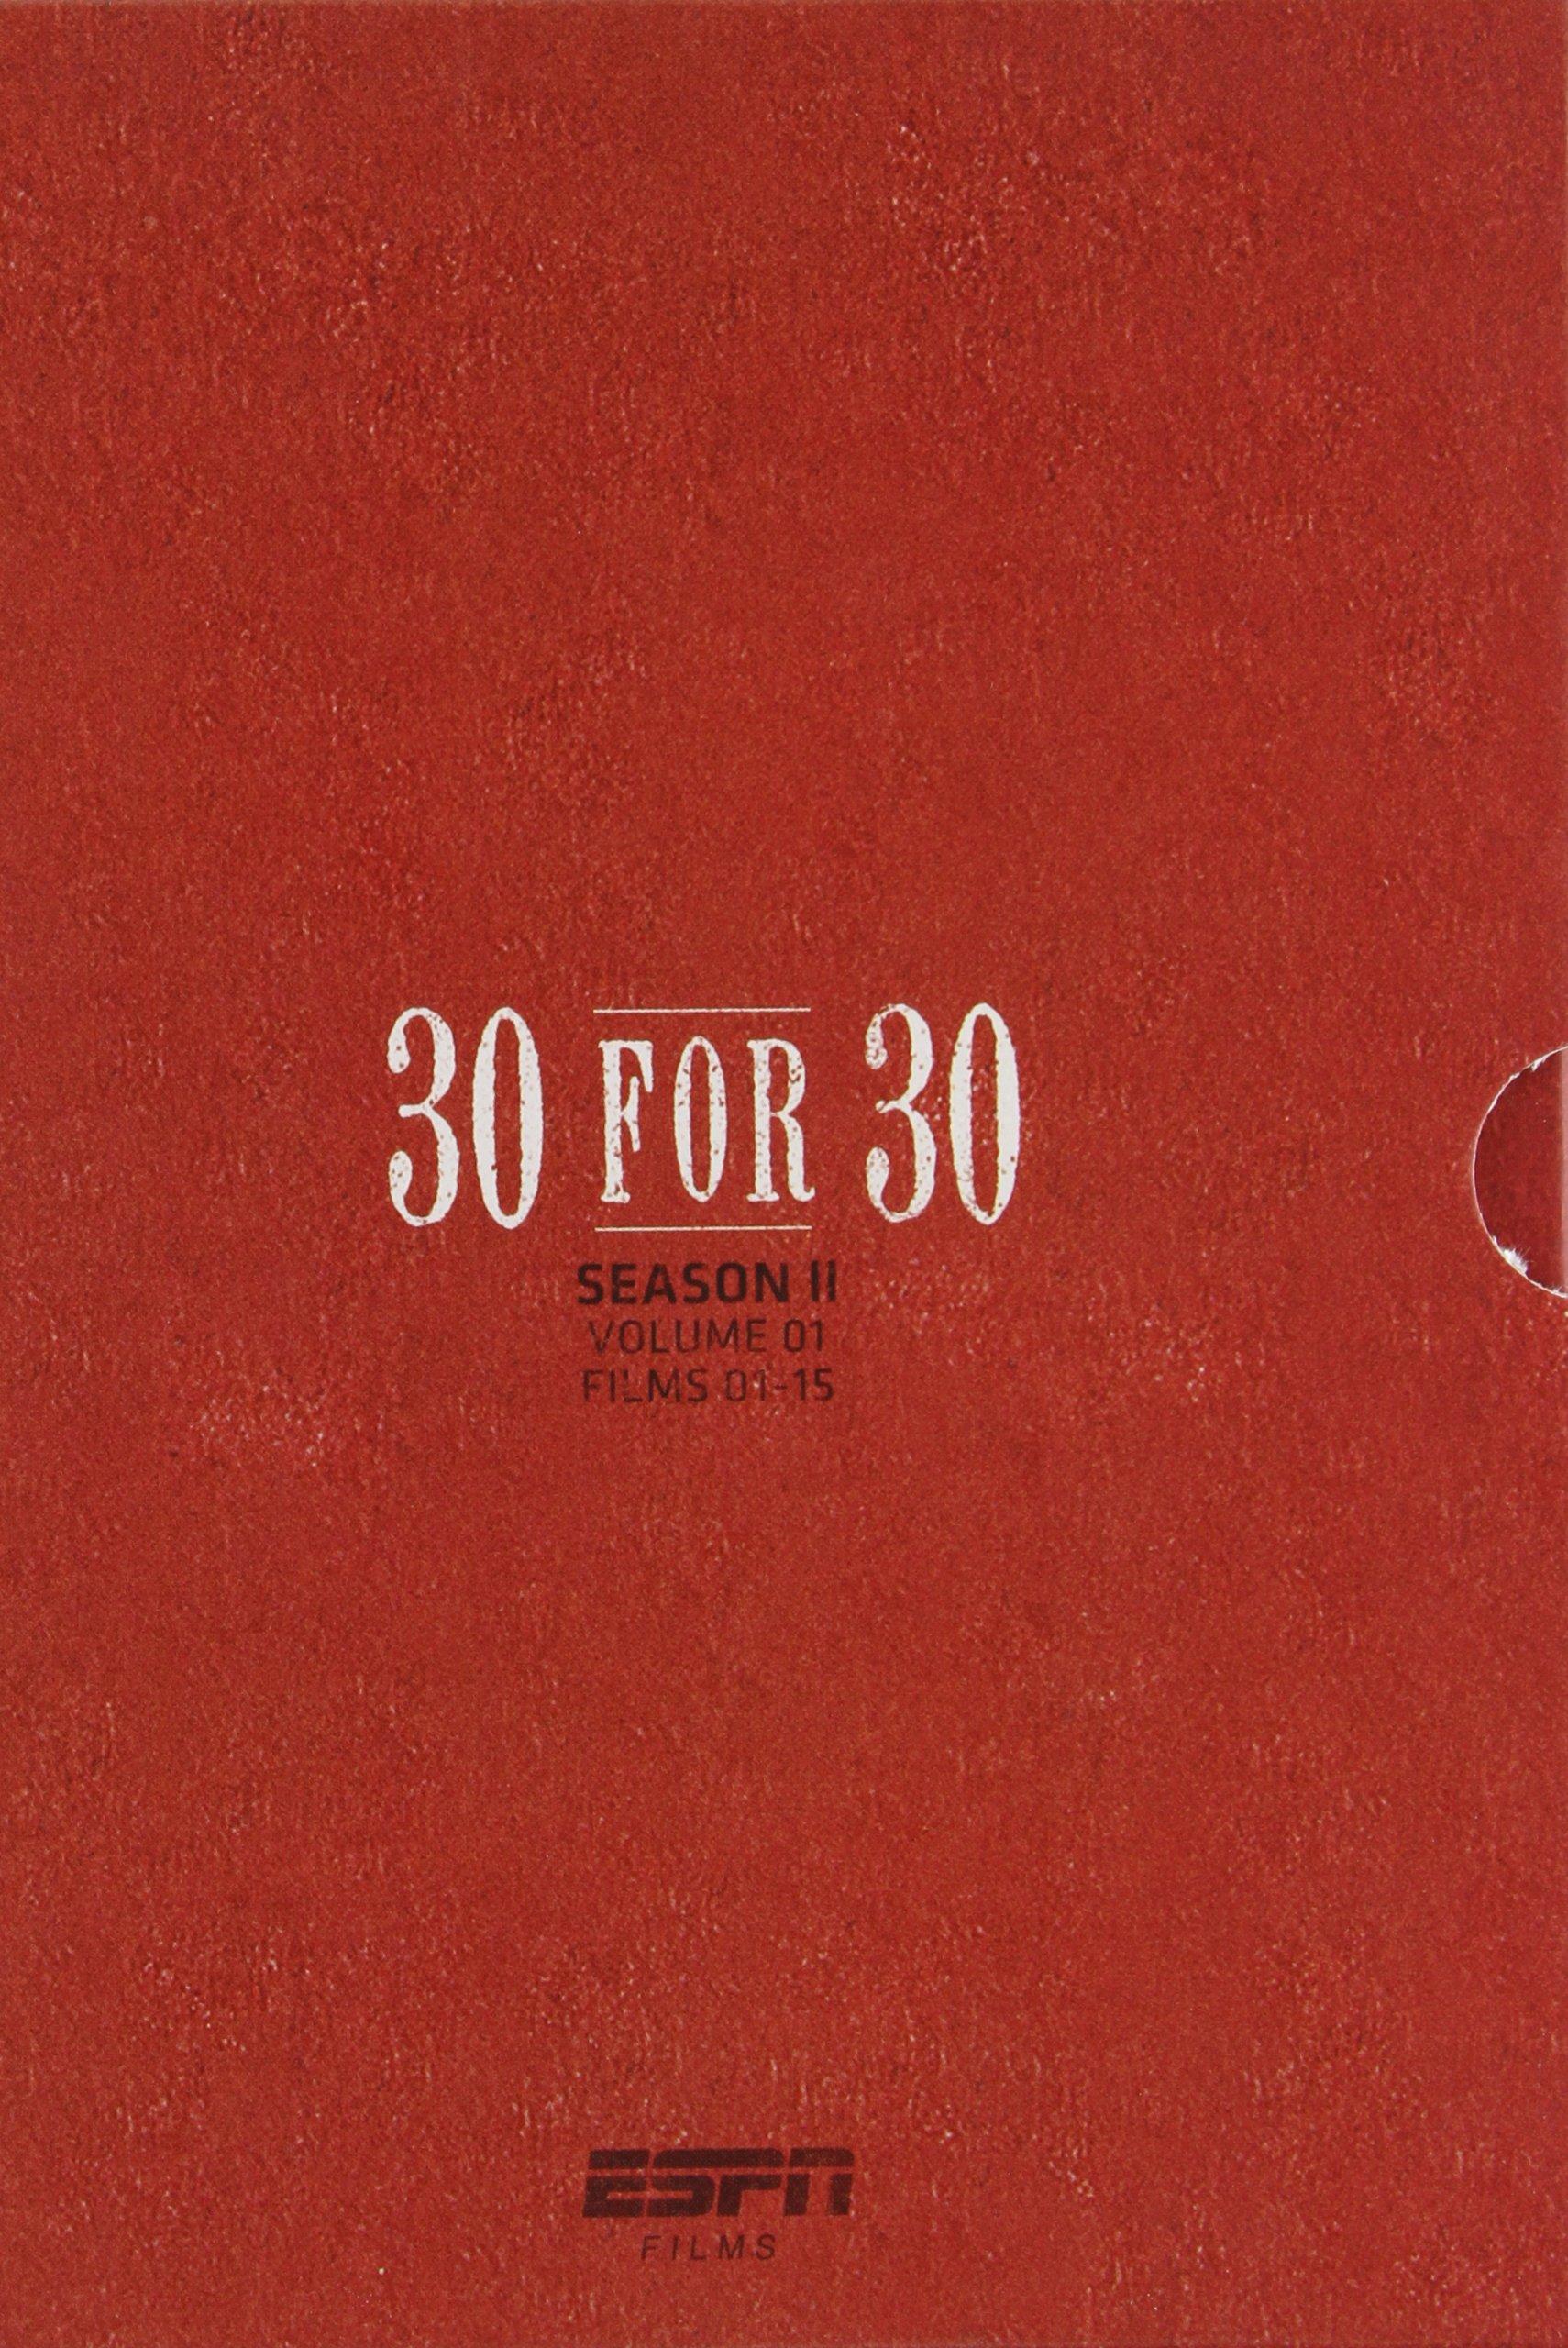 ESPN Films 30 for 30: Season 2, Volume 1